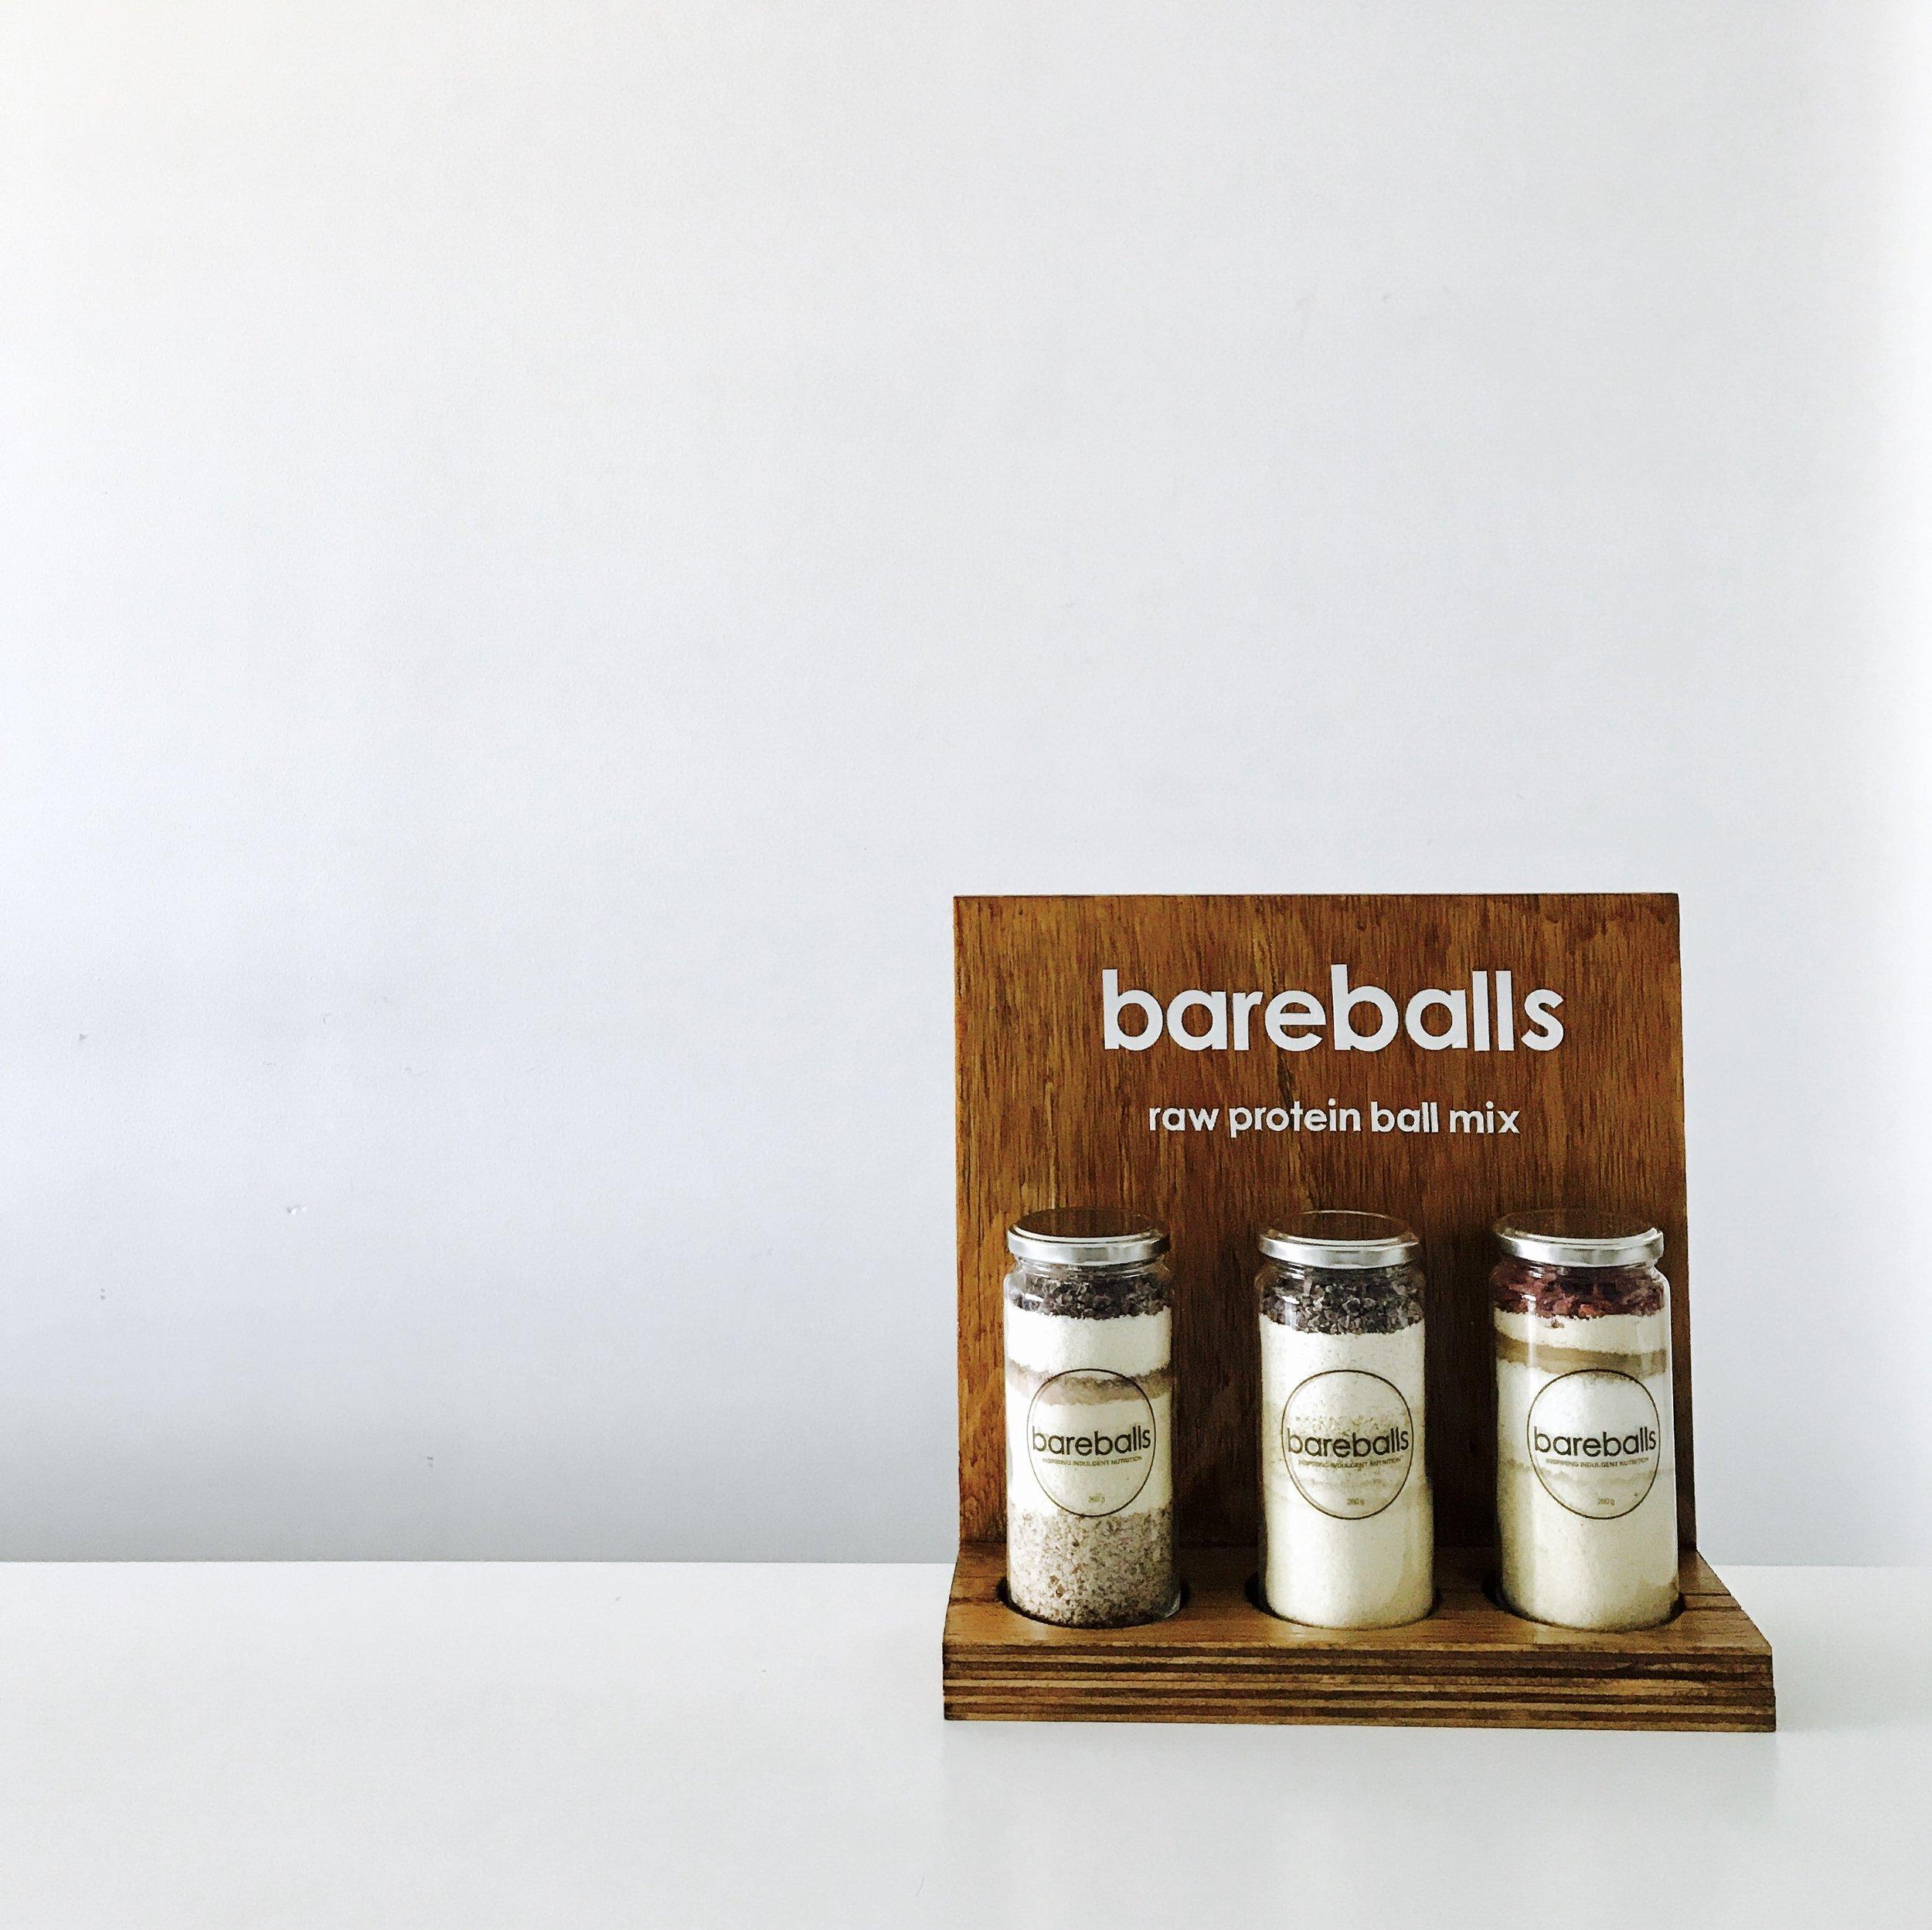 Bareballs Jar Stand